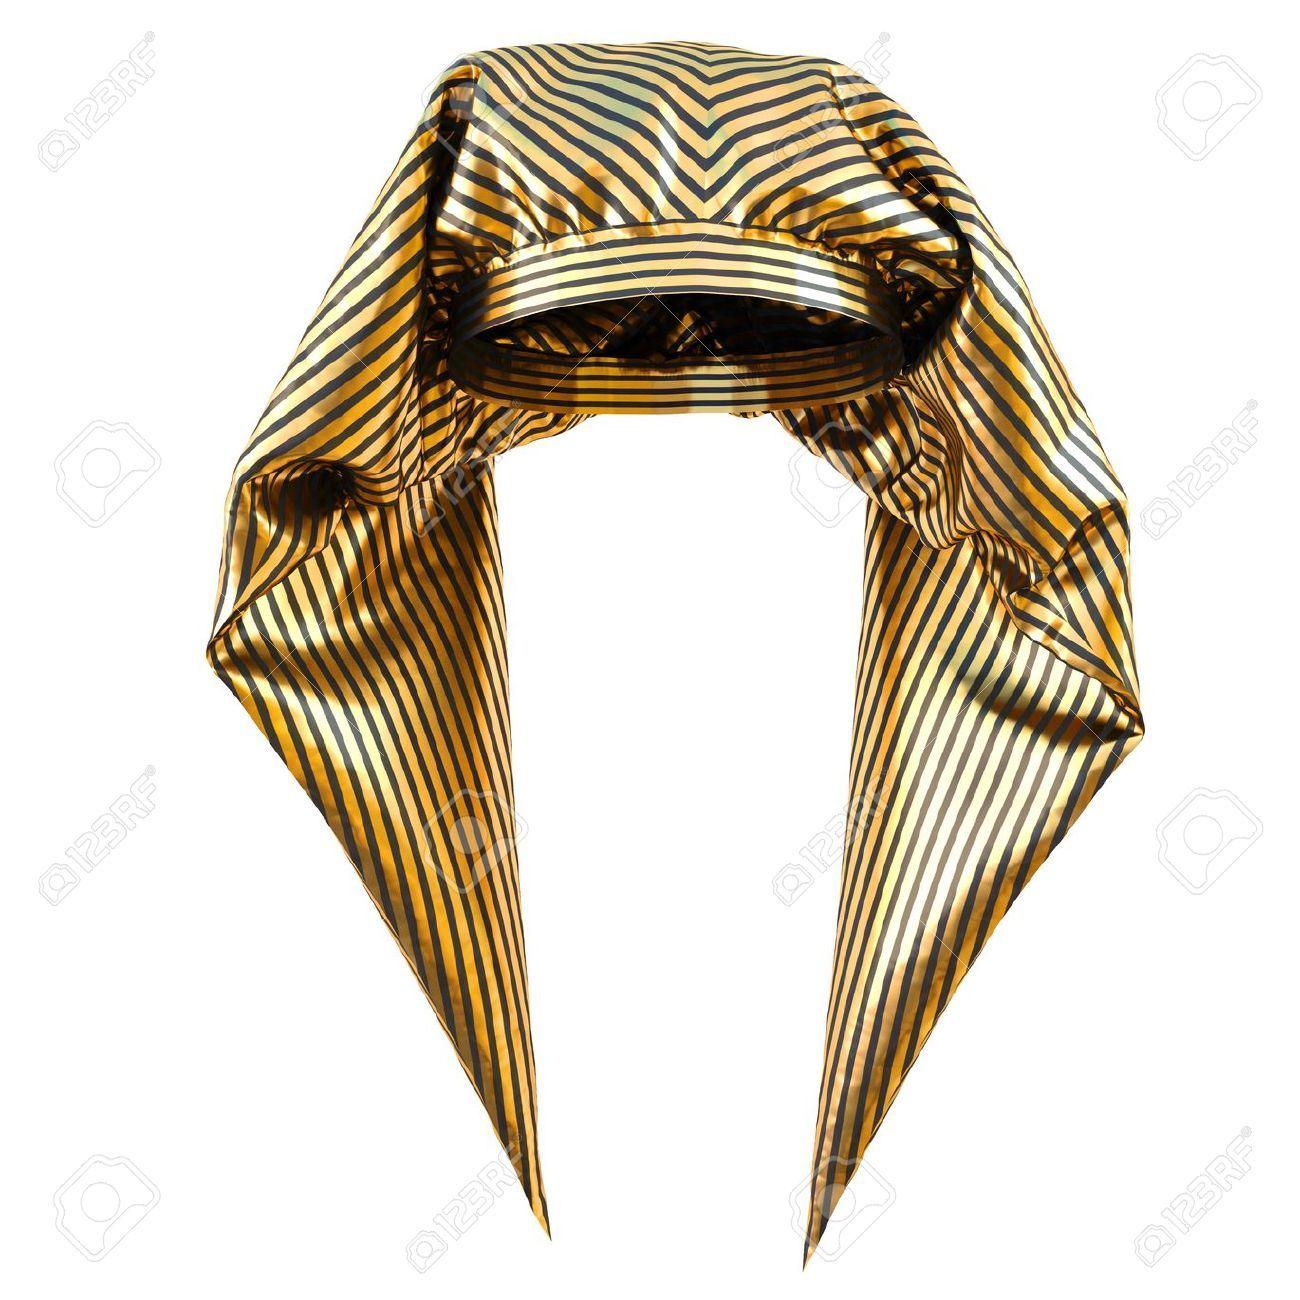 Egyptian Pharaoh Stock Photos, Pictures, Royalty Free Egyptian ...